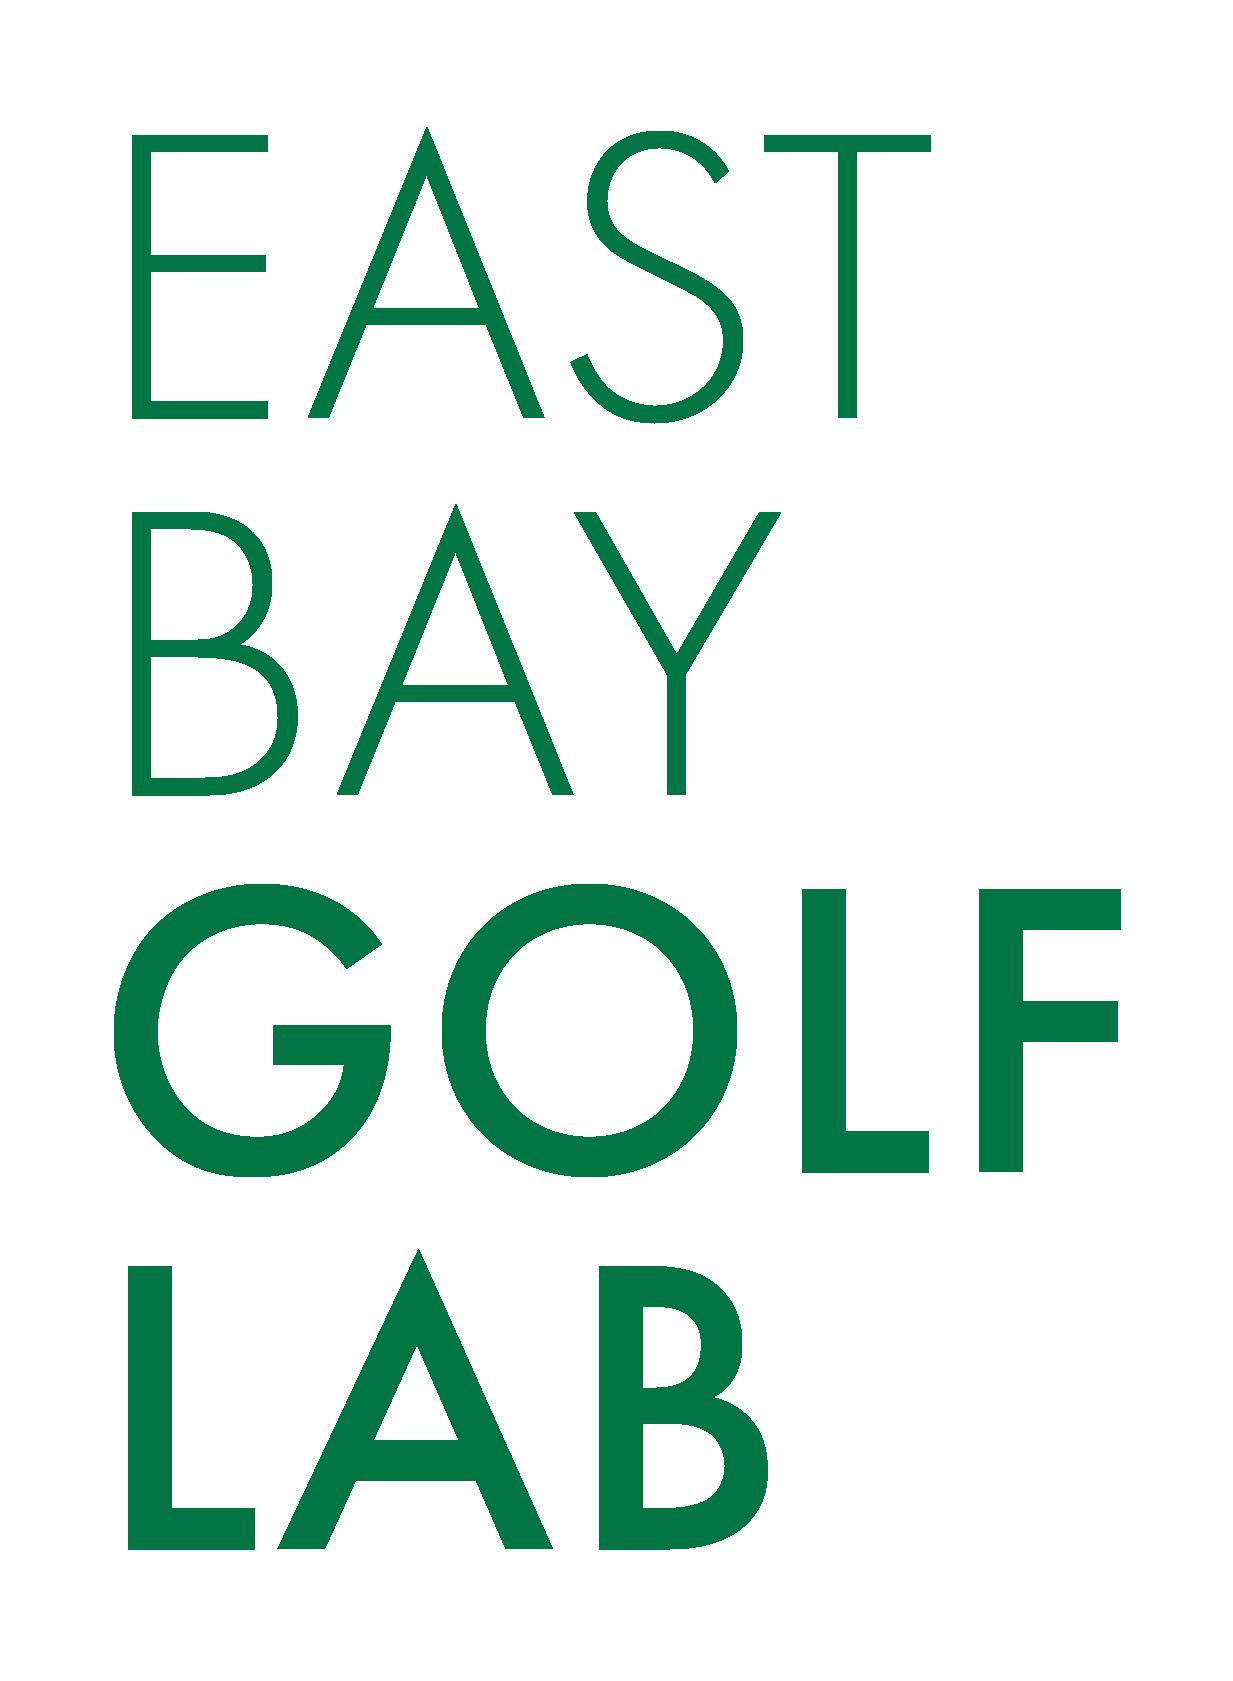 EBGL-Logo_Green-04